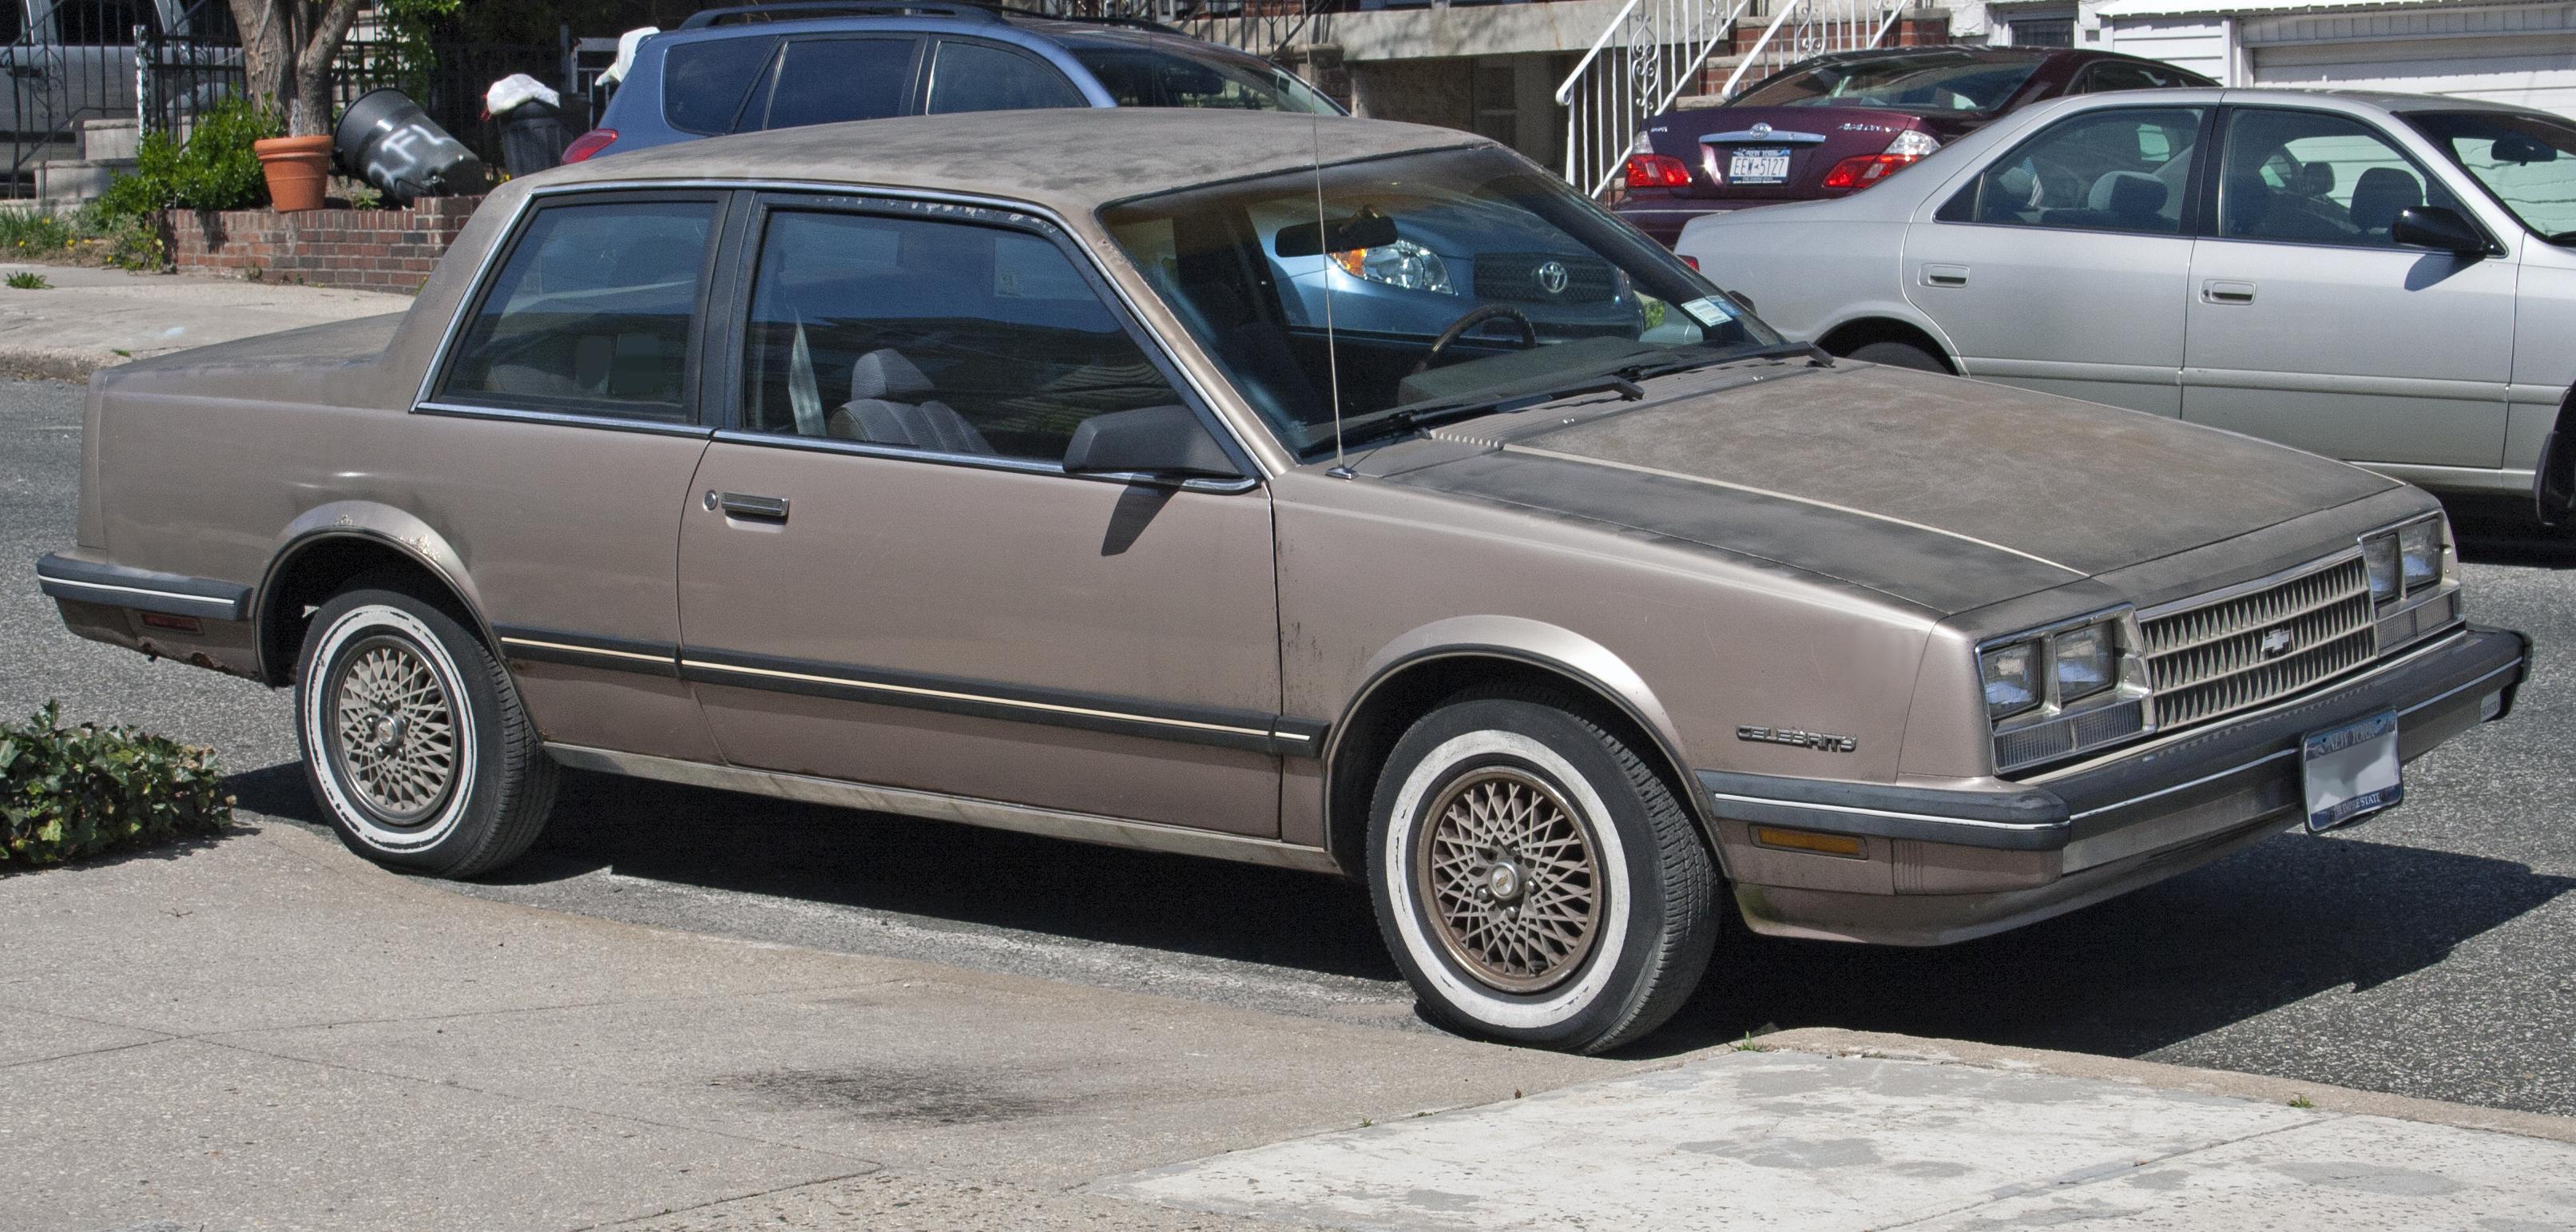 Used Cars Fremont Ohio